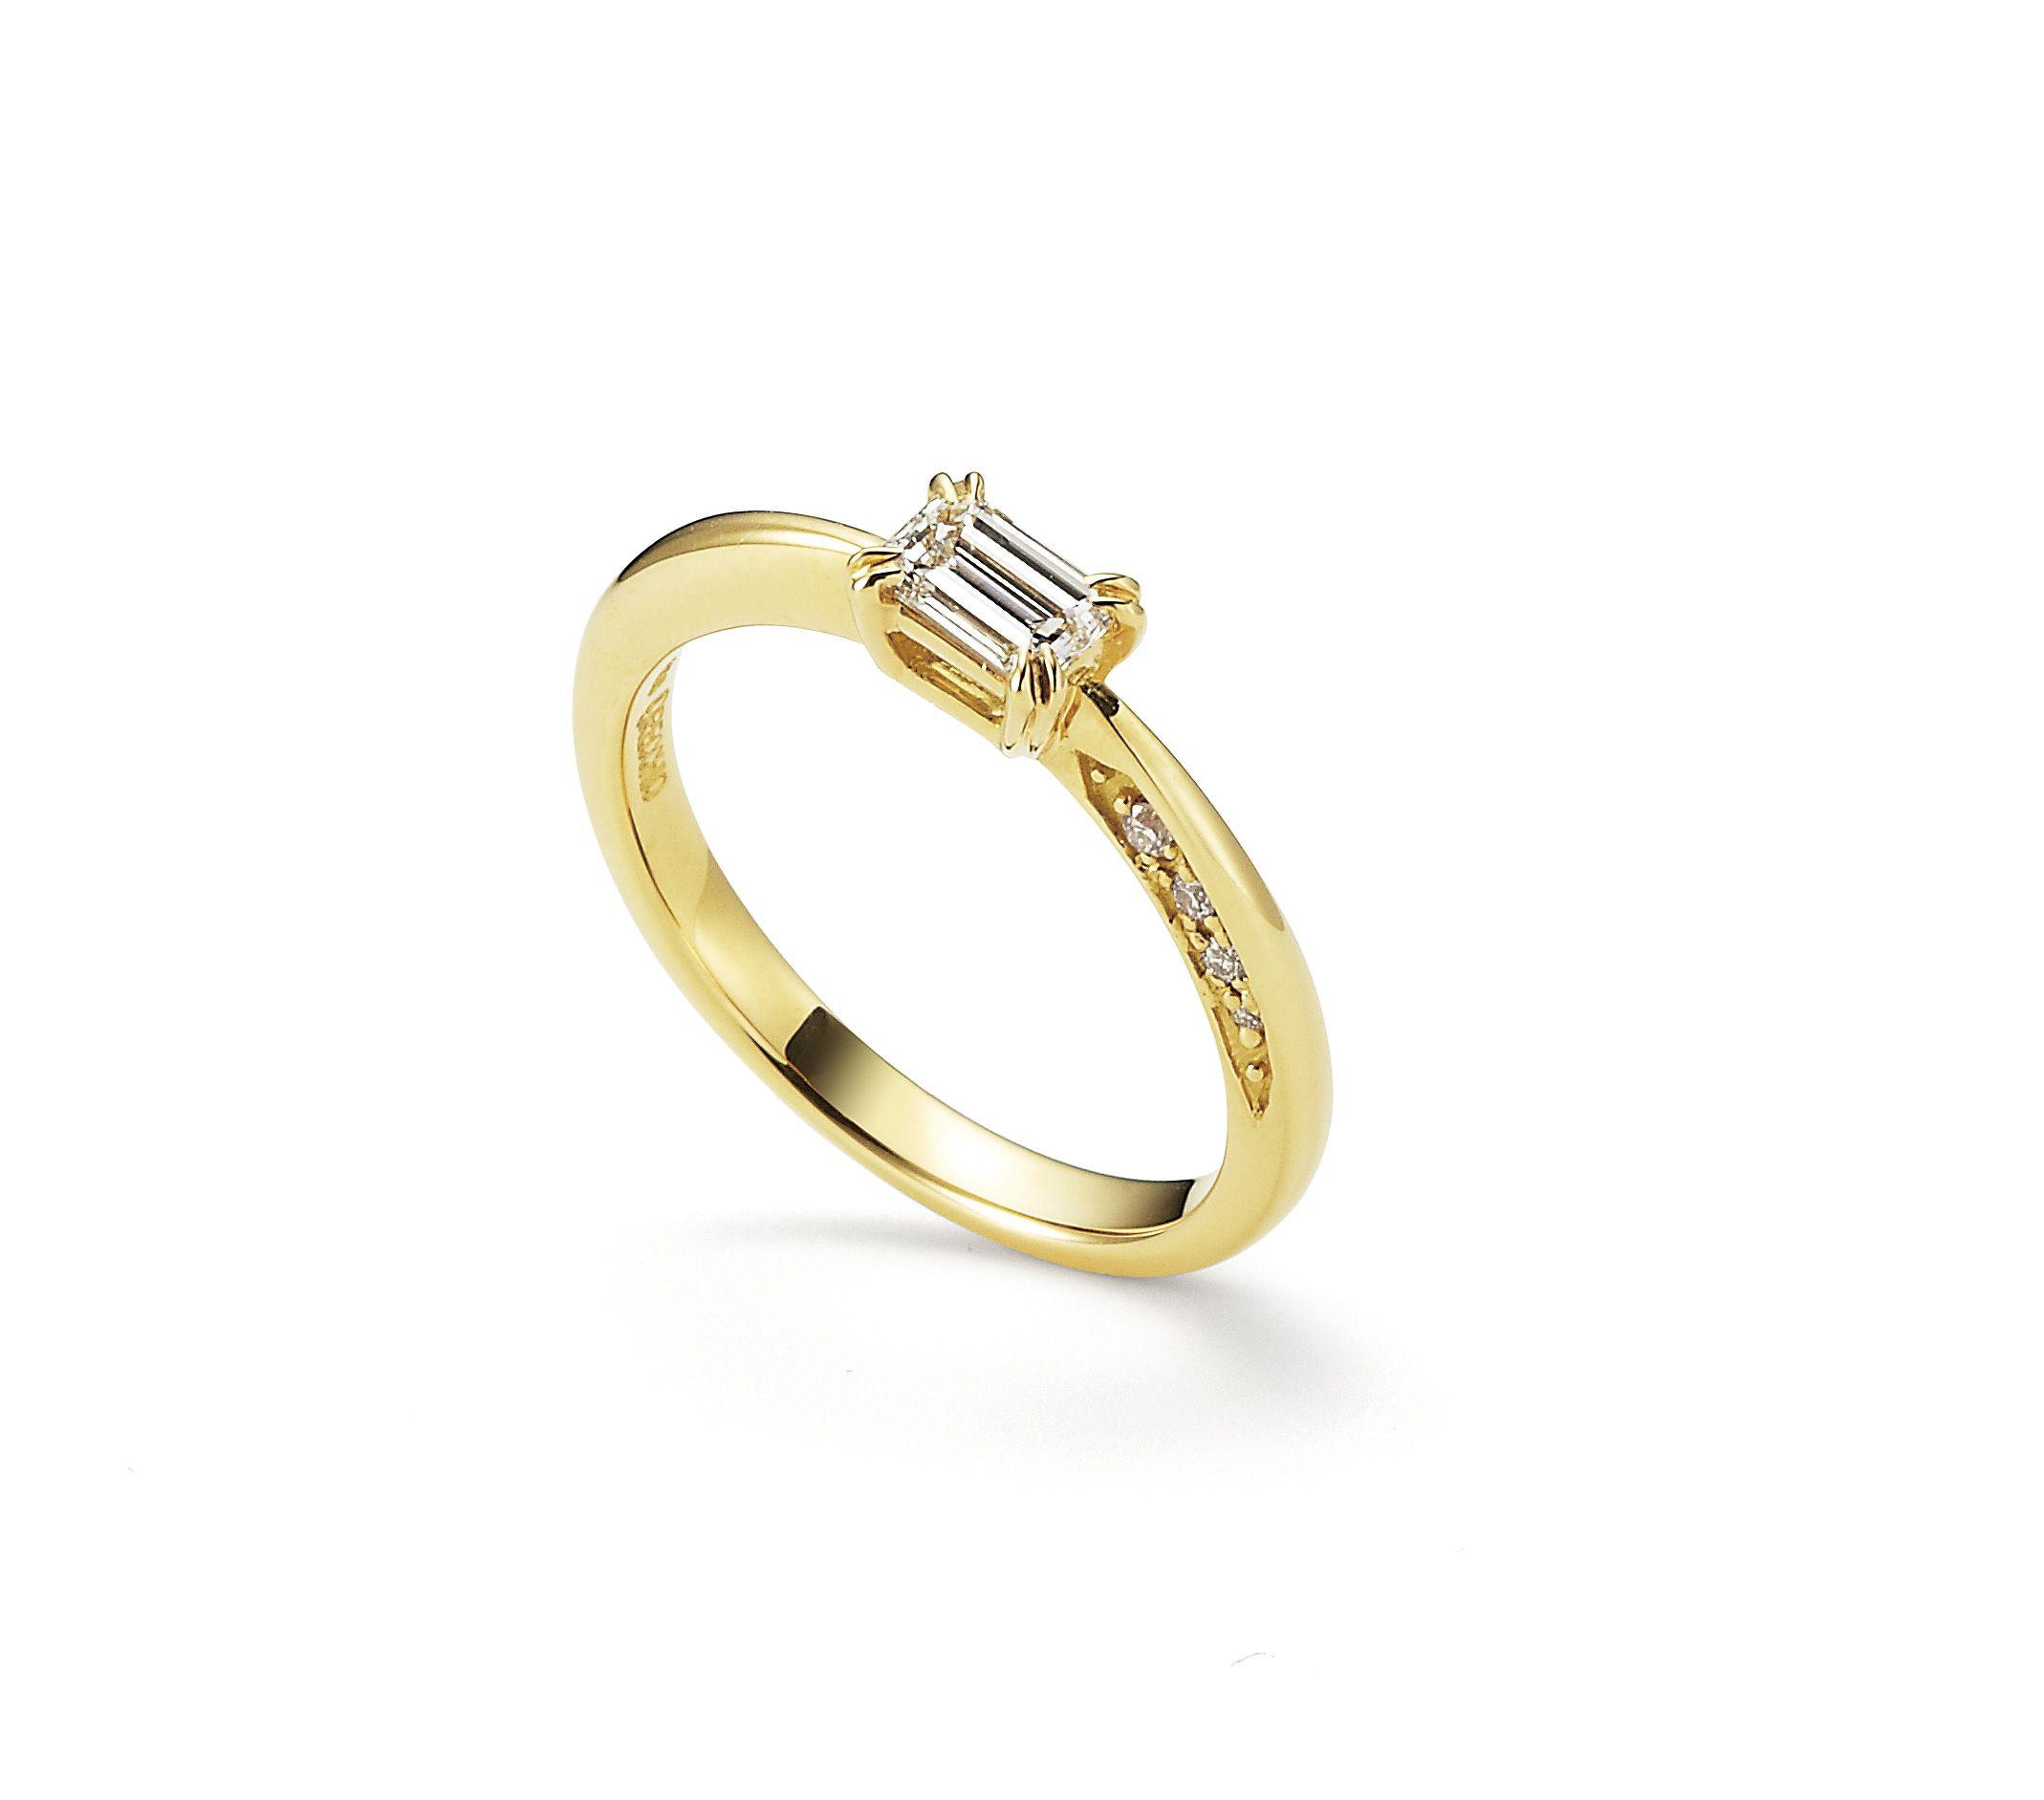 【オレッキオ】リング側面にアシンメトリーにセッティングされたダイヤモンドが魅力。隠れたこだわりが感じられる婚約指輪 (オレッキオ pipiシリーズ pe1407)